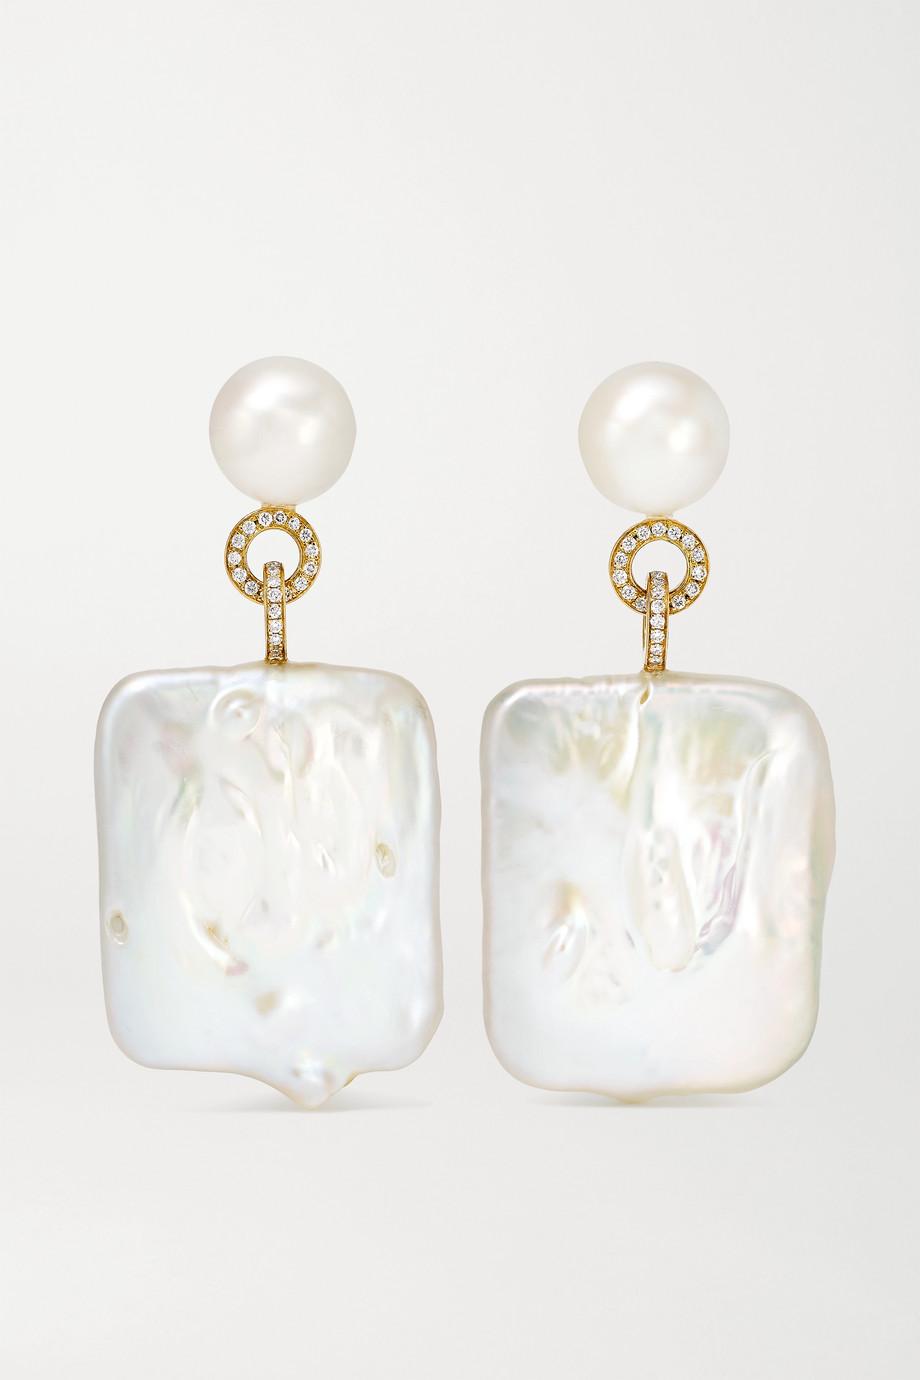 Sophie Bille Brahe Boucles d'oreilles en or 14 carats, perles et diamants Mondrian Diamant